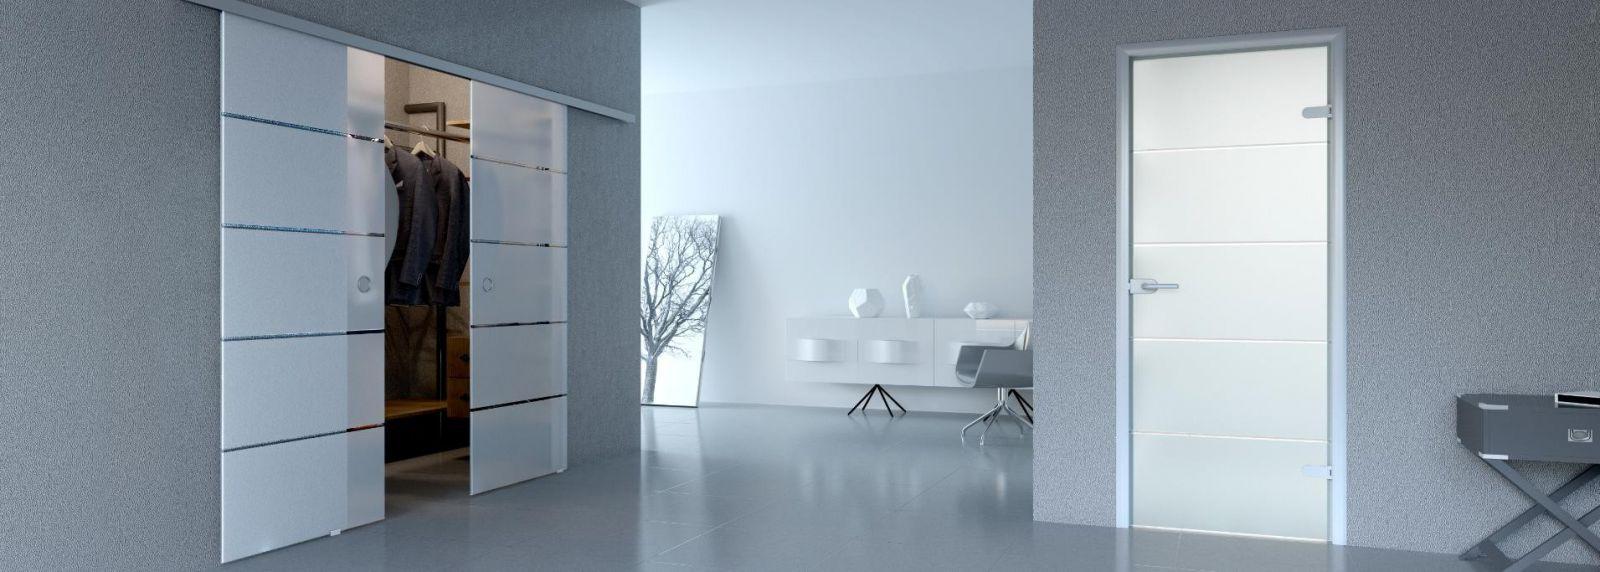 Раздвижные двери в гостиной